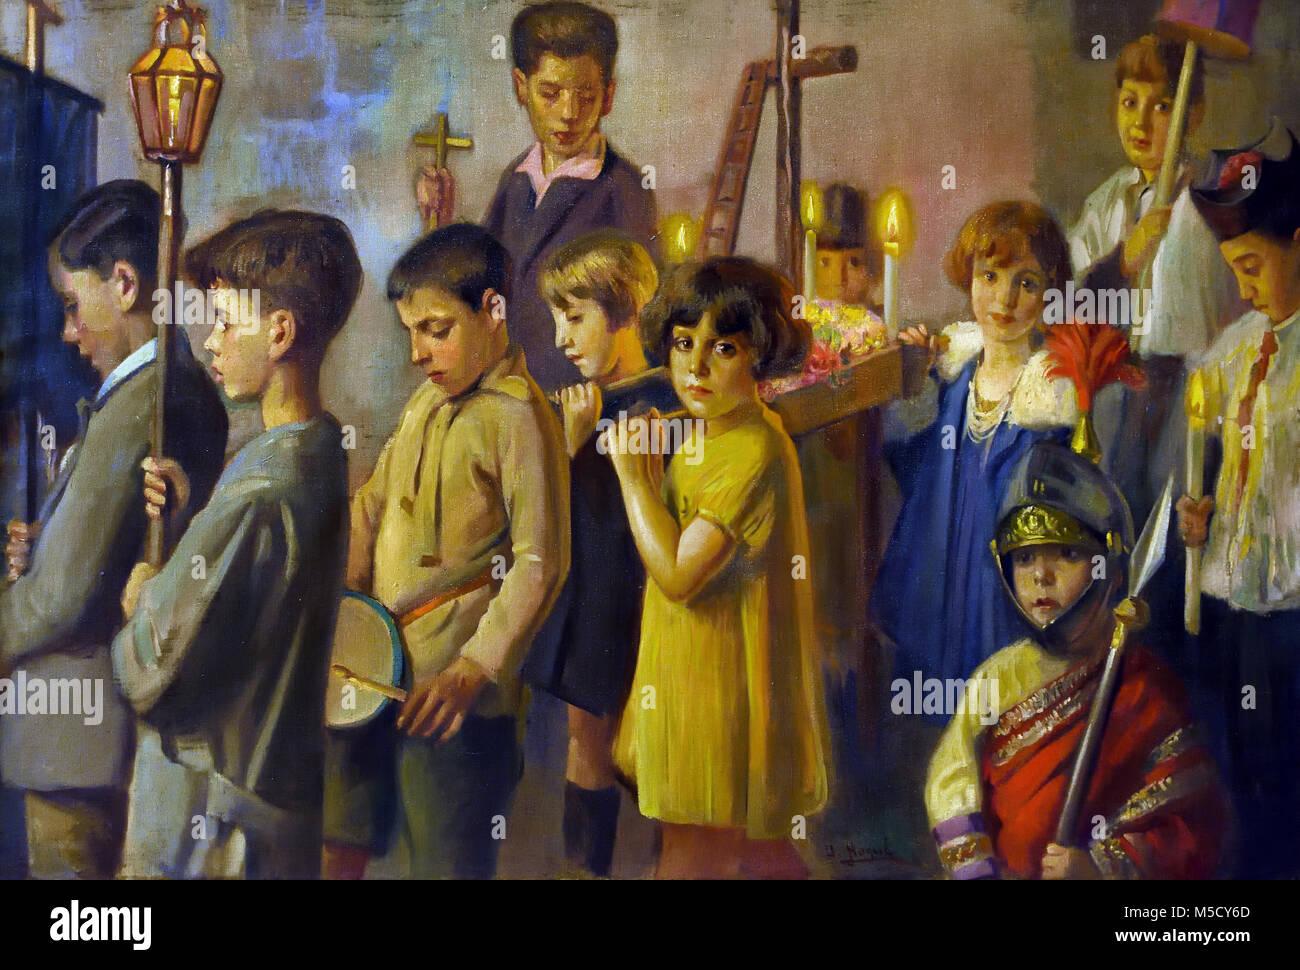 Cruz de mayo en Jaén - pueden cruzar en Jaén 1930 José Nogue Masso 20ª siglo, España, español ( la escena representa Foto de stock